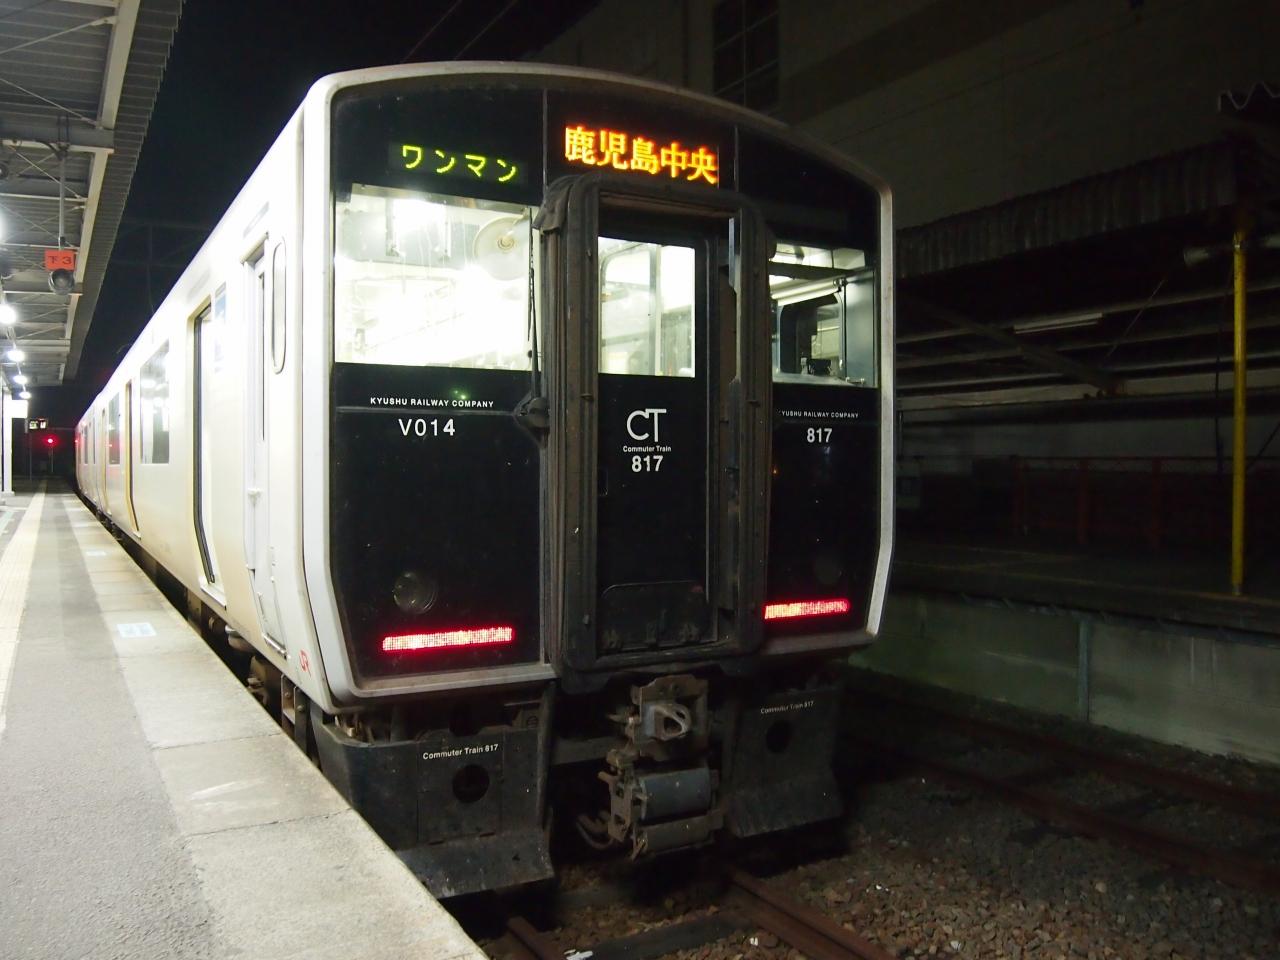 s-PA213605.jpg